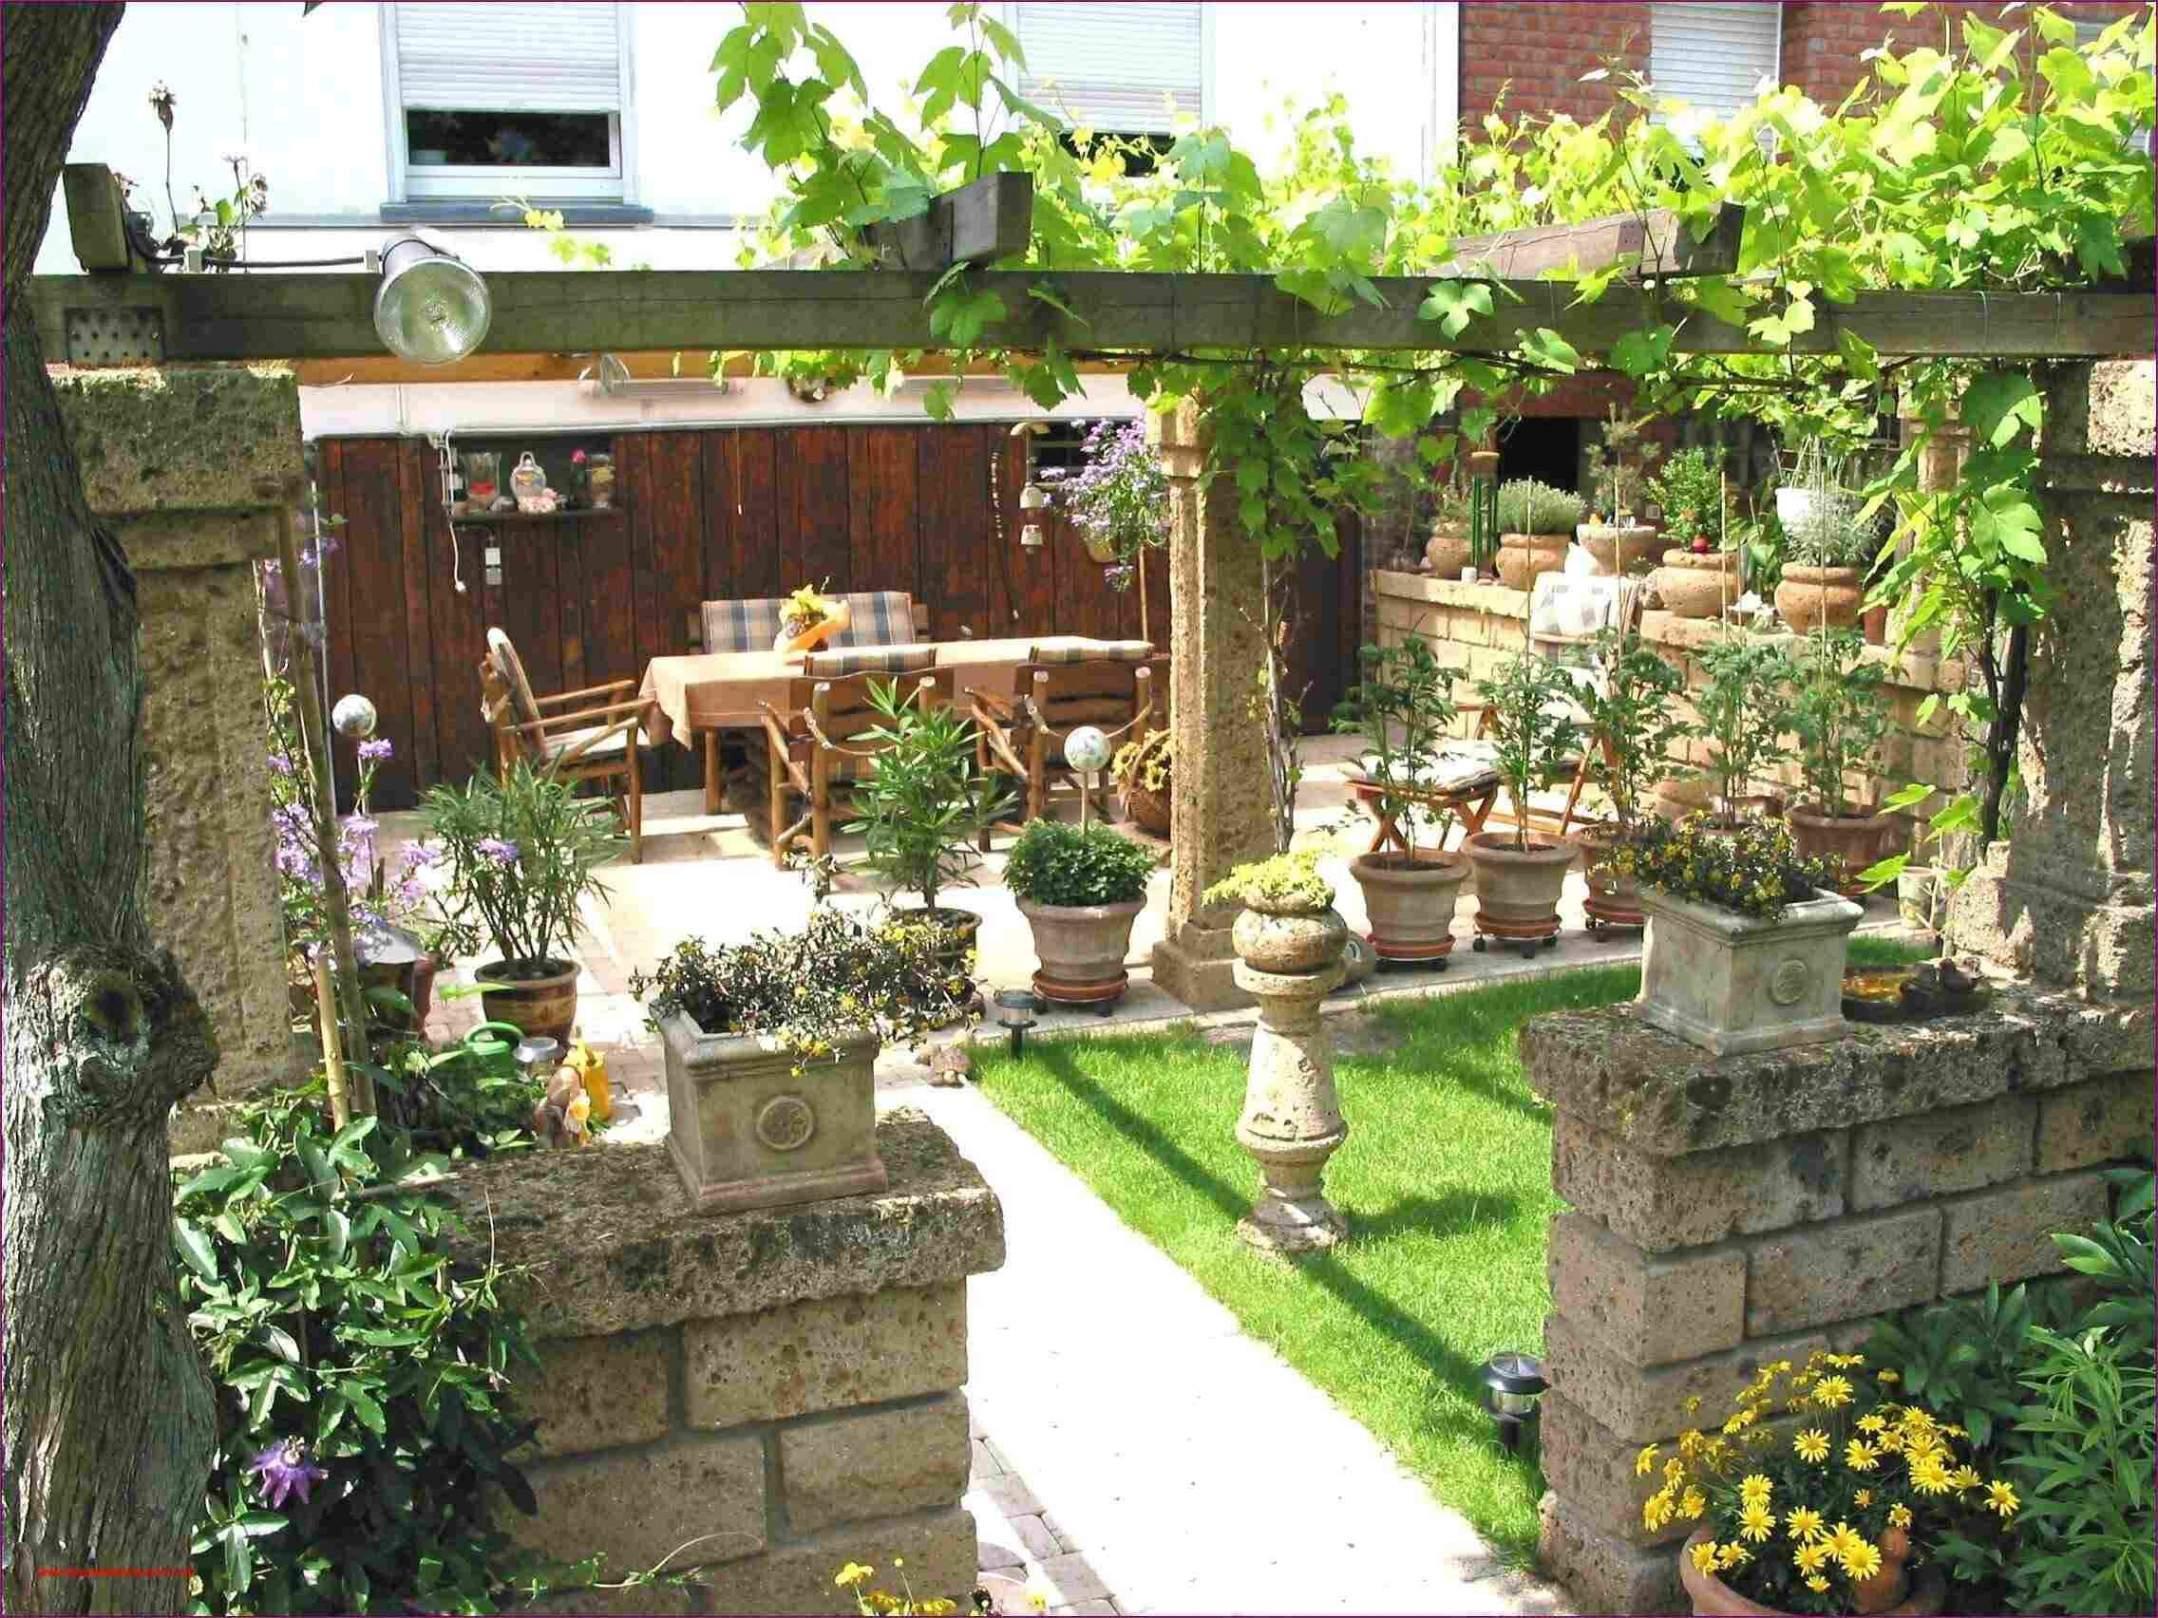 Pflanzen Für Garten Einzigartig Hohe Pflanzen Als Sichtschutz — Temobardz Home Blog